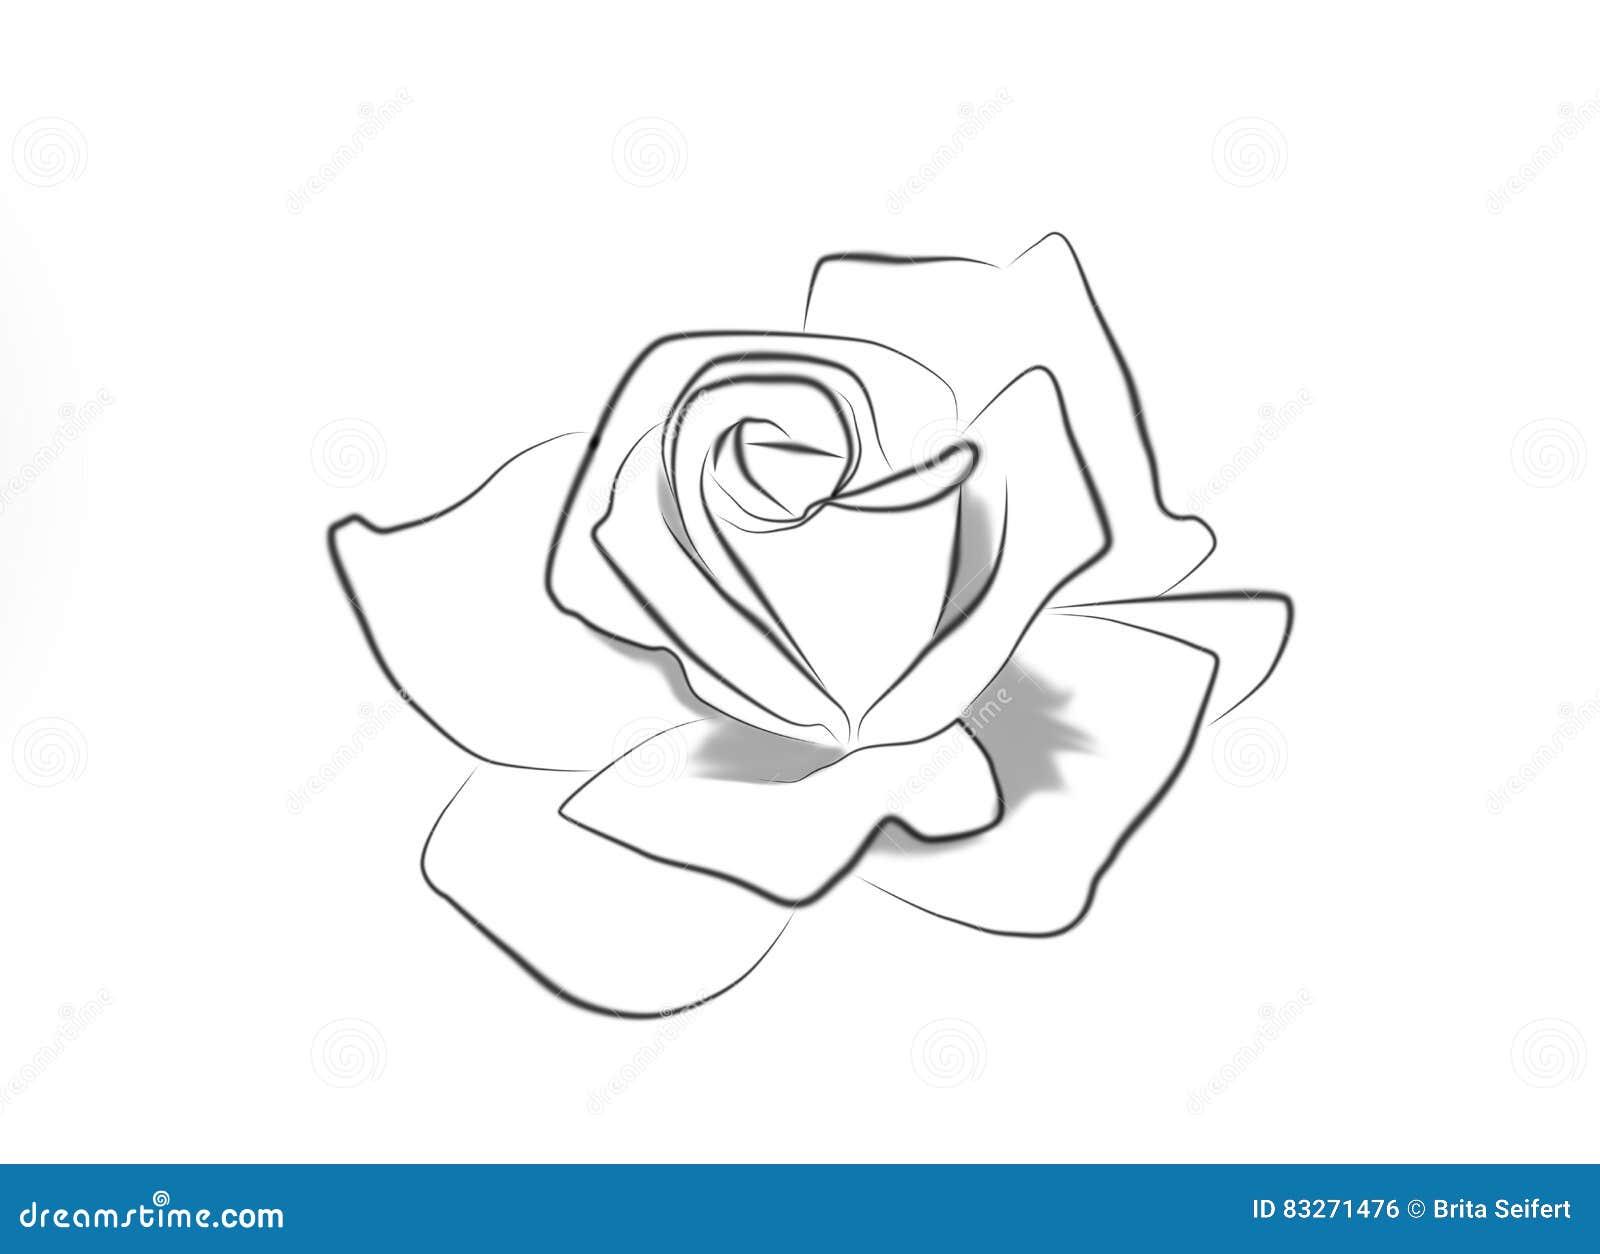 A lápis desenho de uma rosa